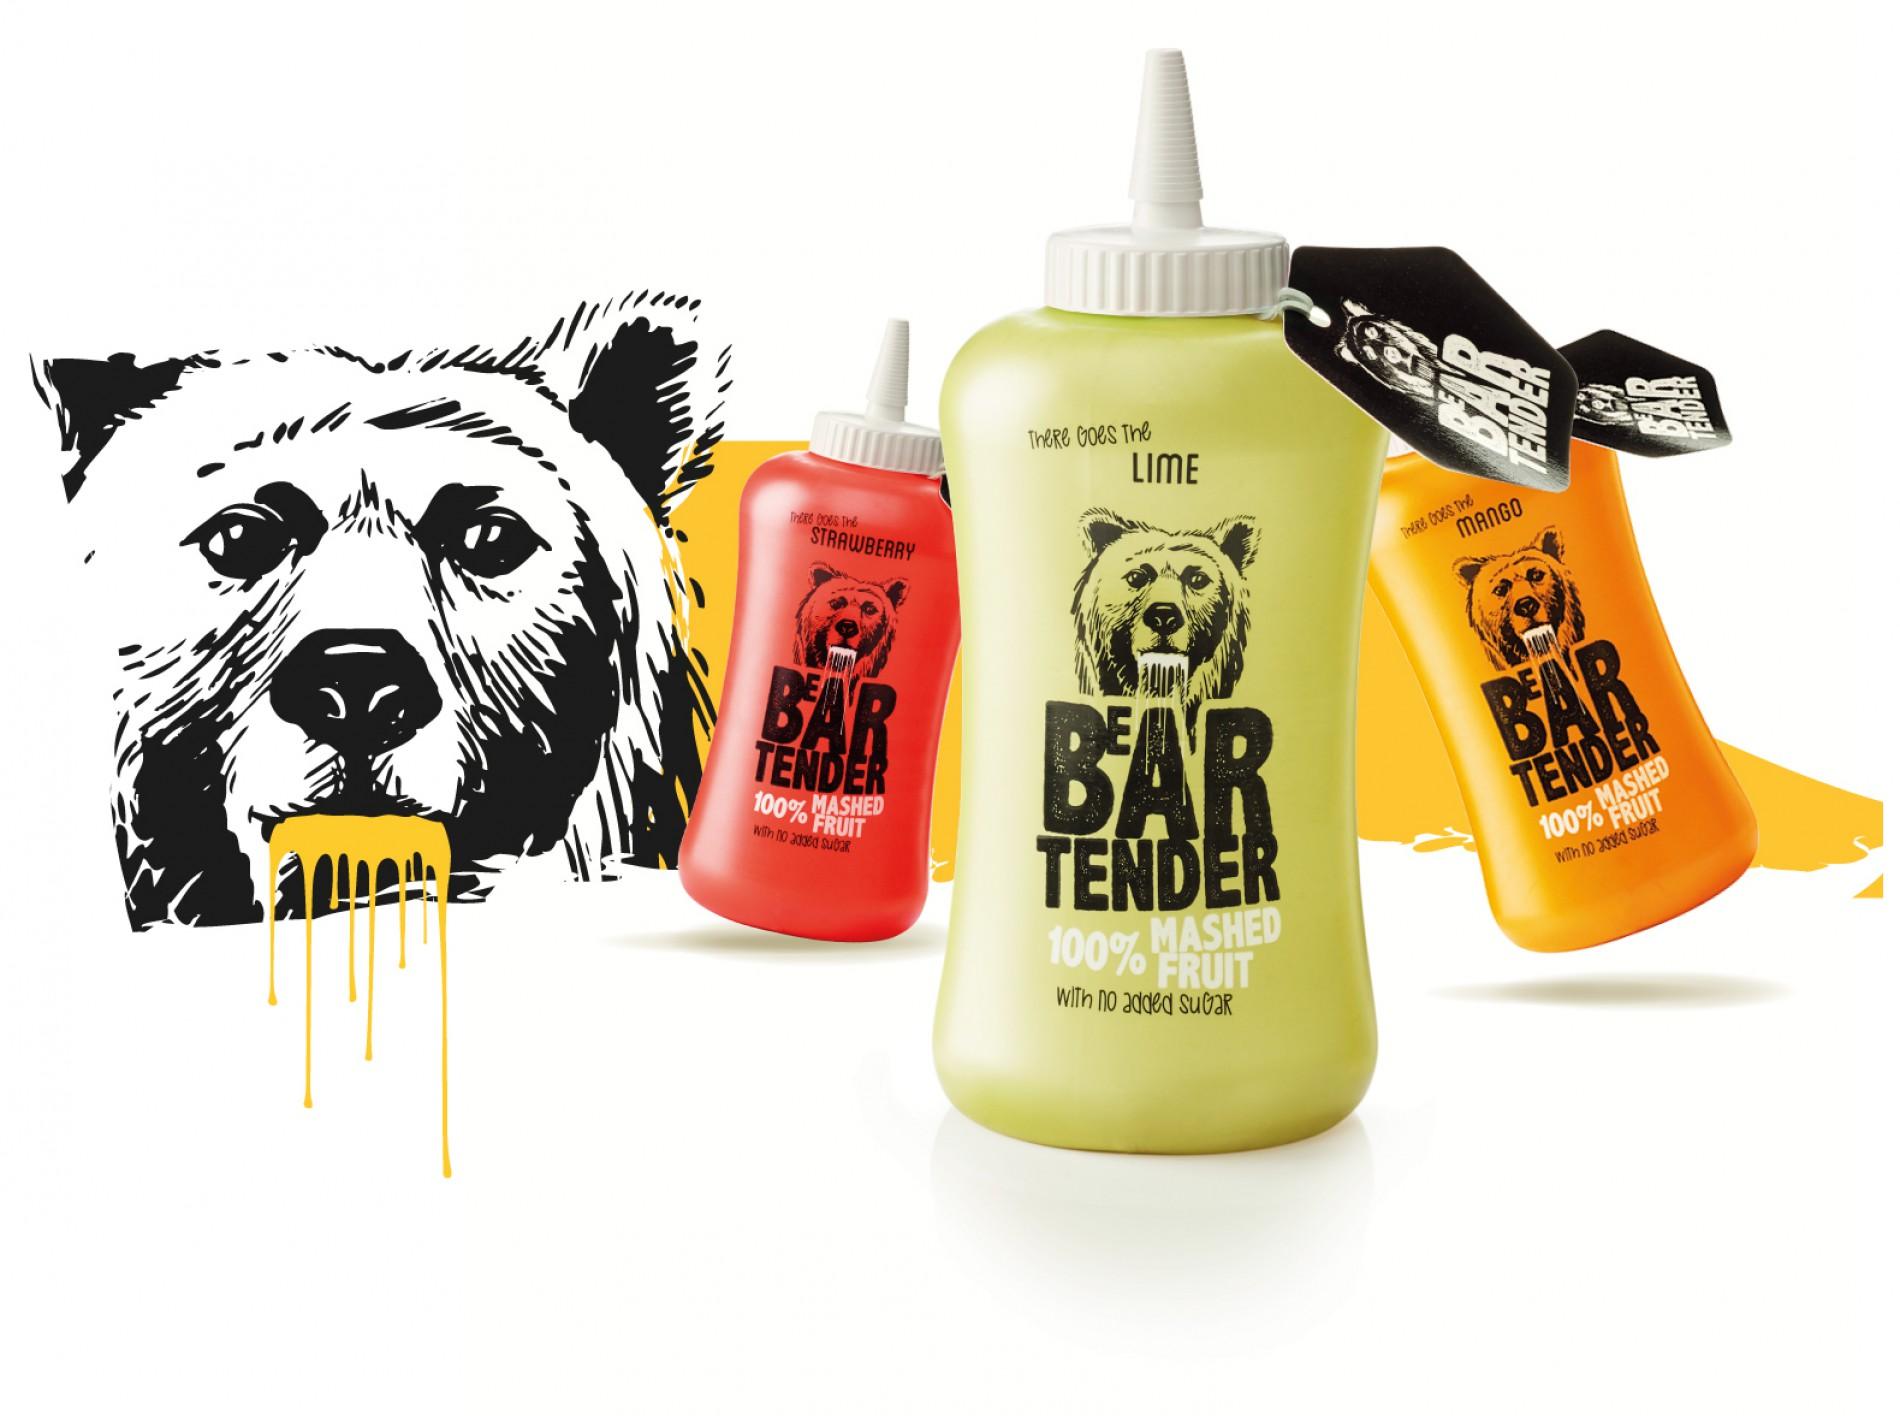 Quatre Mains package design - beartender, quatre mains, rebranding